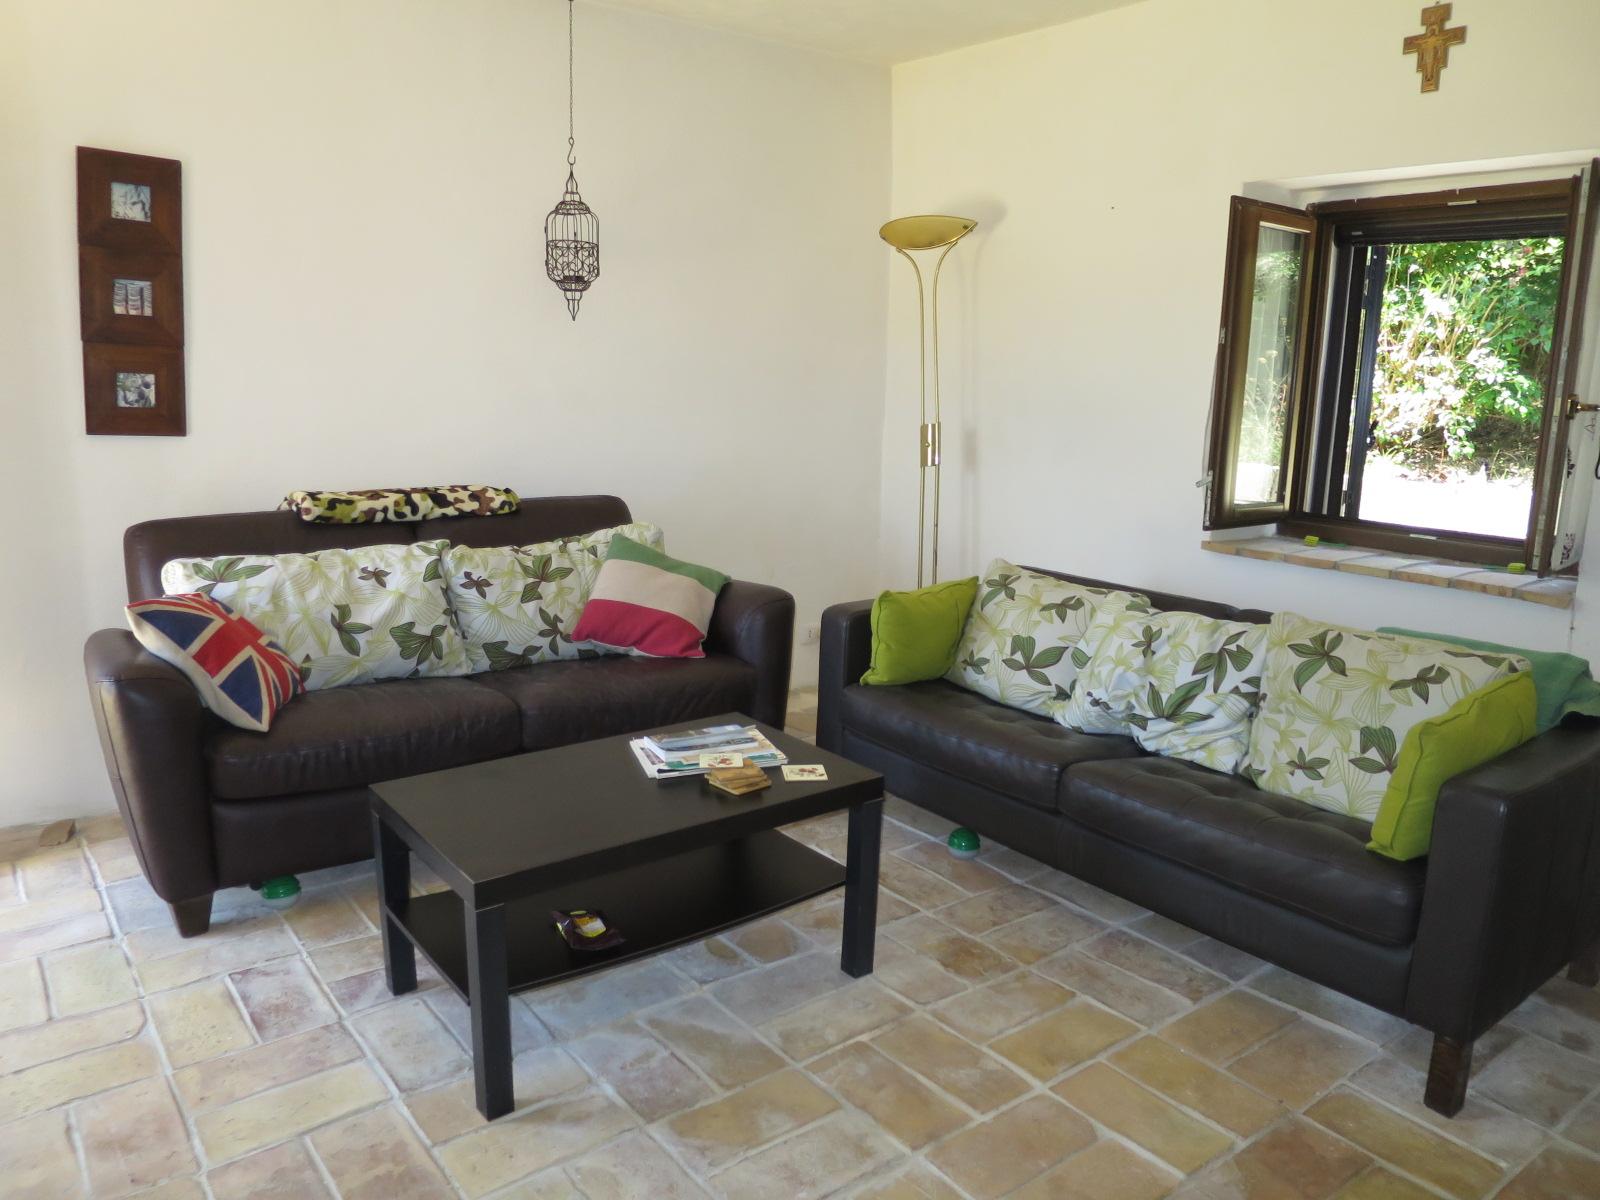 Casa di campagna Casa di campagna in vendita Montefino (TE), Casa Collina - Montefino - EUR 151.447 330